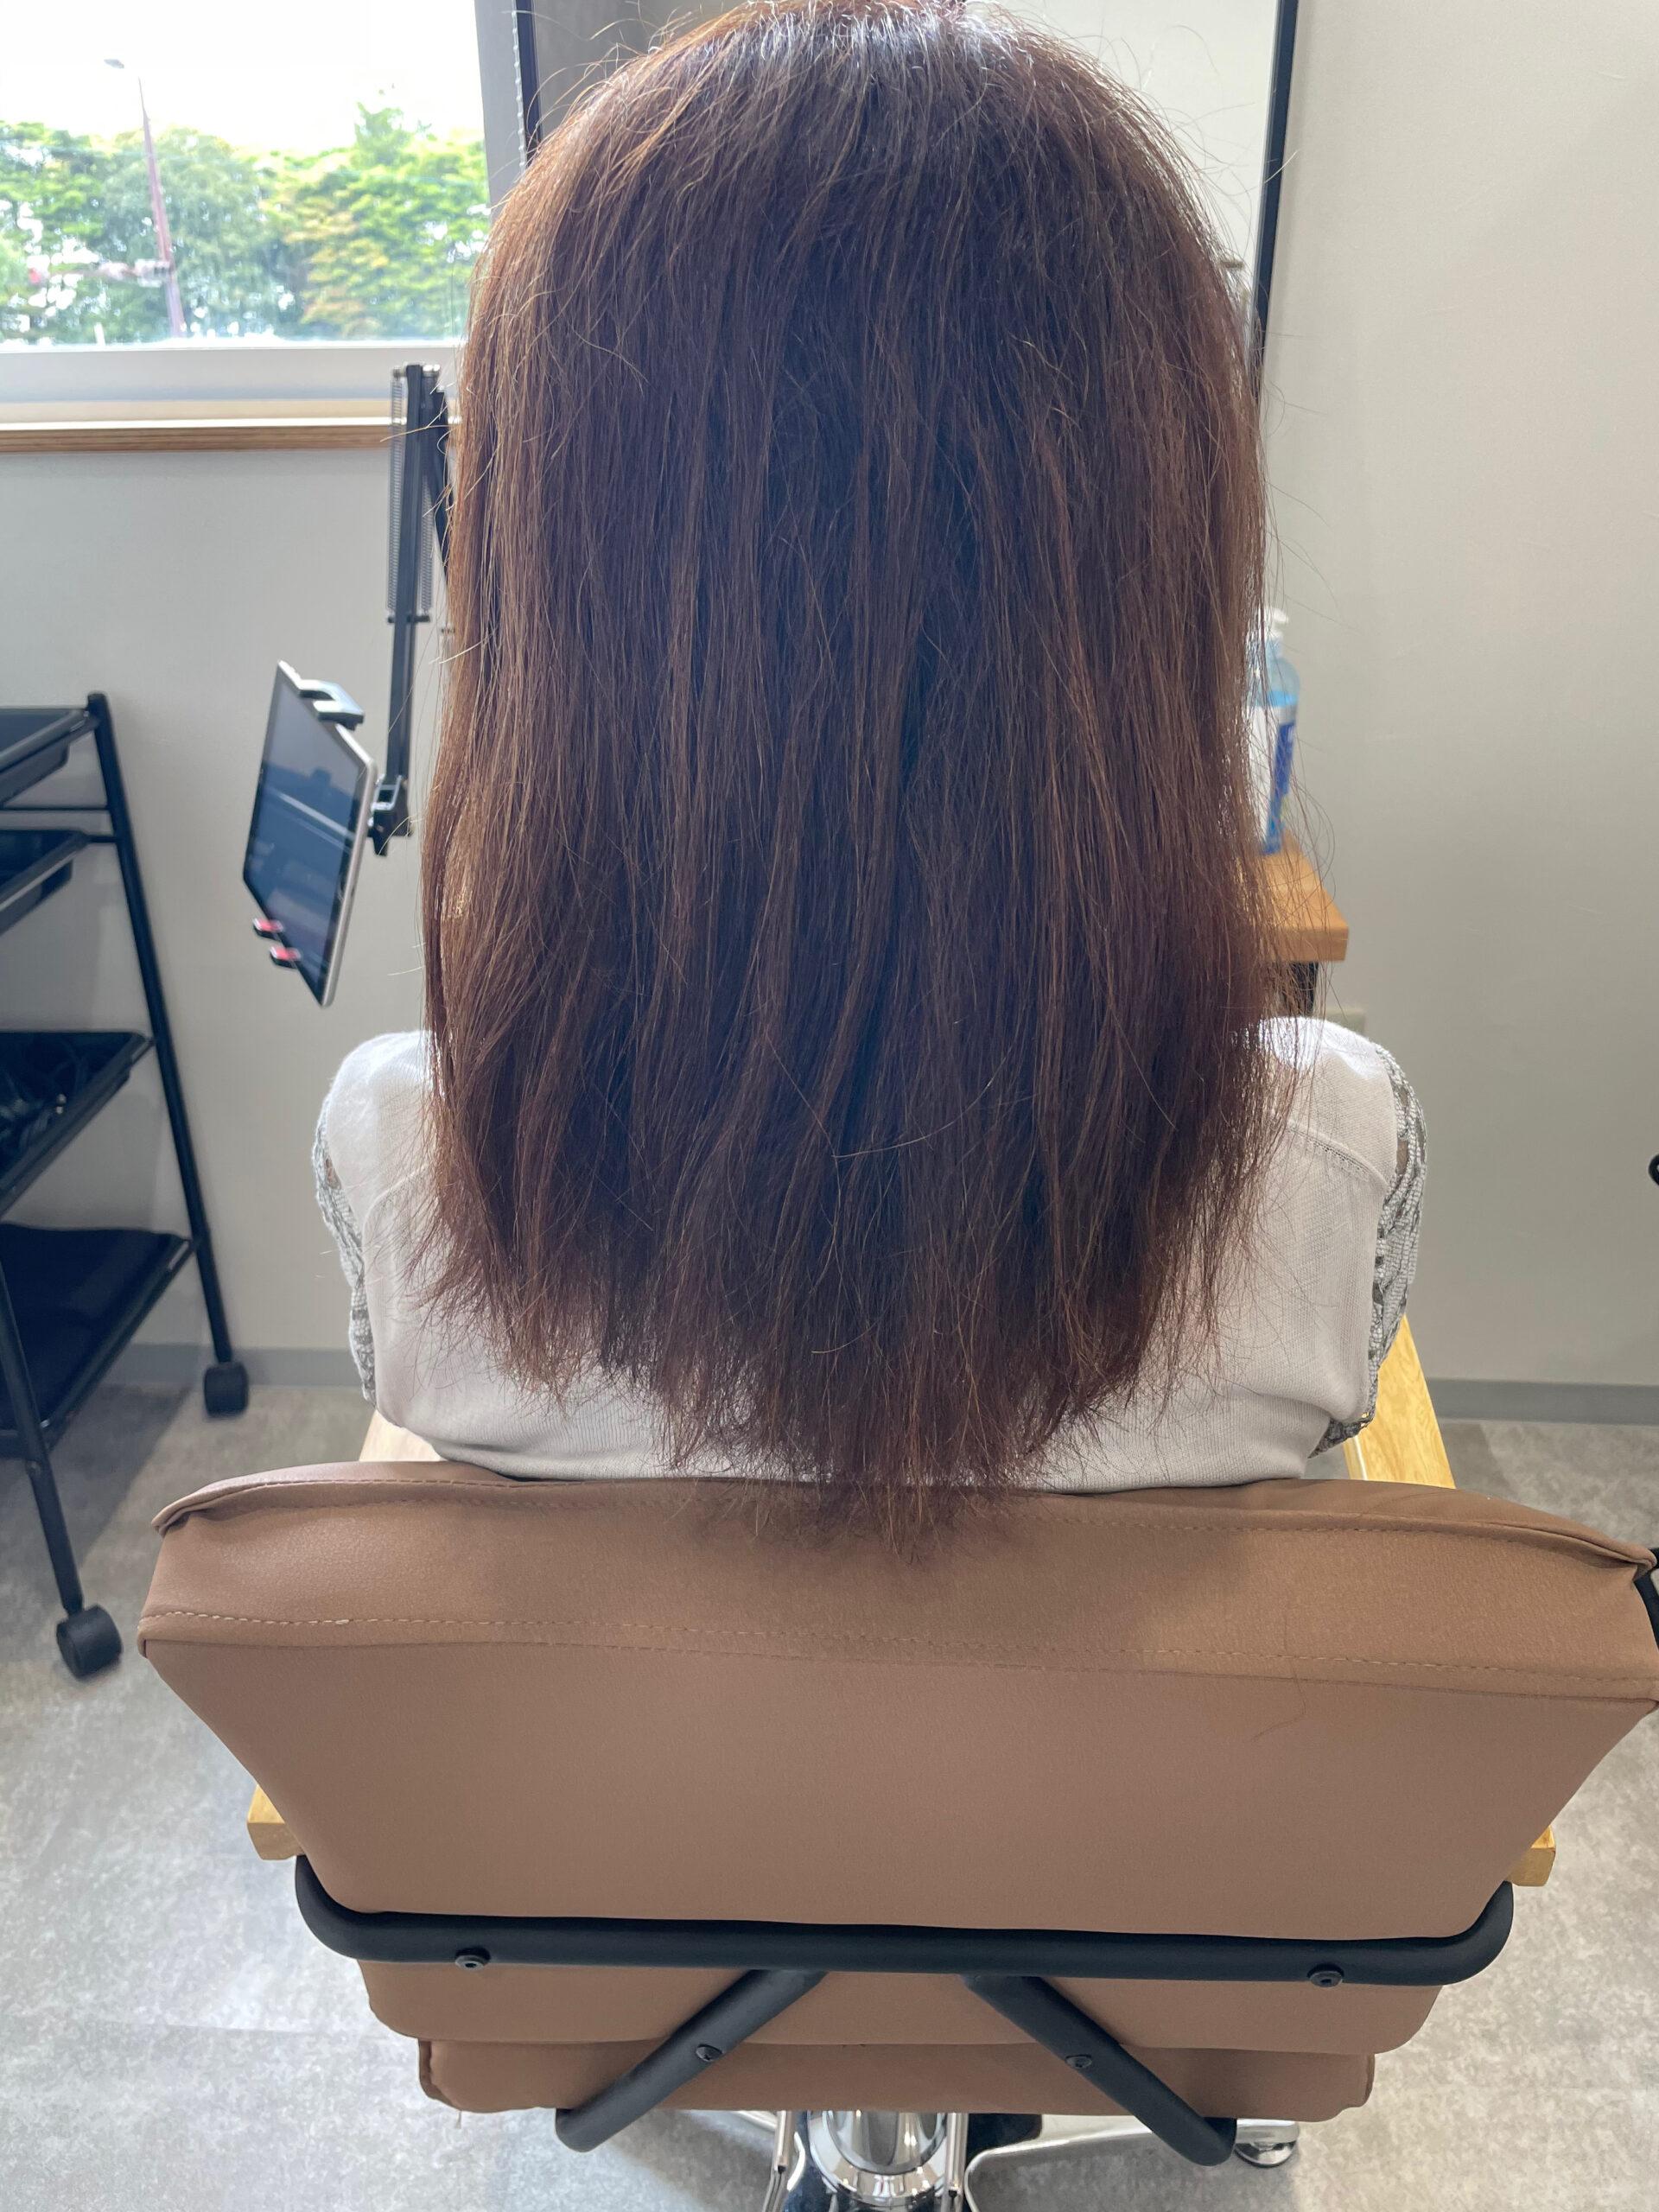 大分県別府市 エイジング毛のハイダメージ毛でも弱酸性の縮毛矯正なら綺麗になります! ビフォー